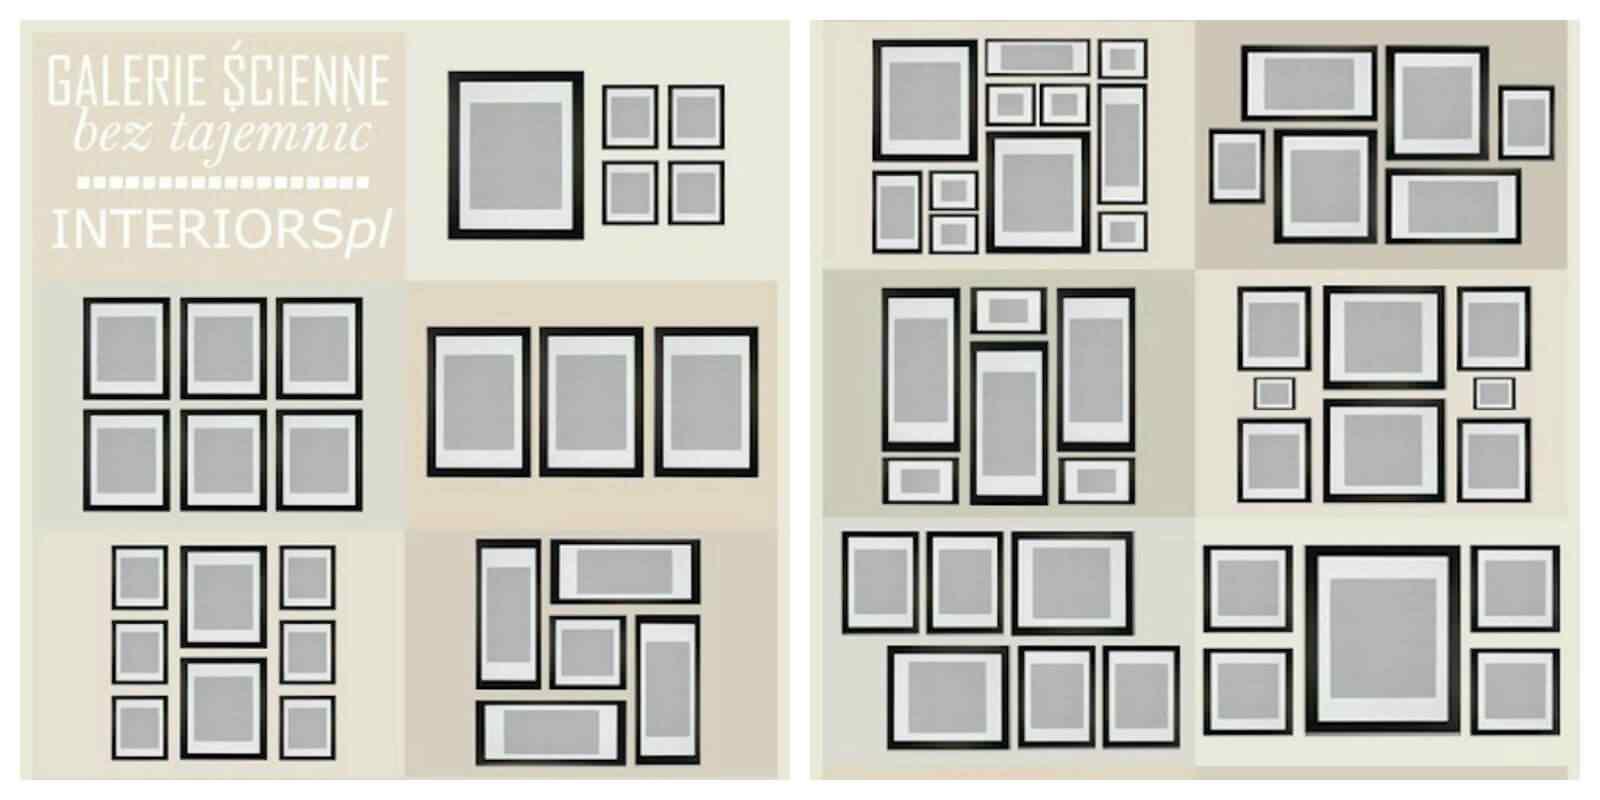 diseño muro de fotos